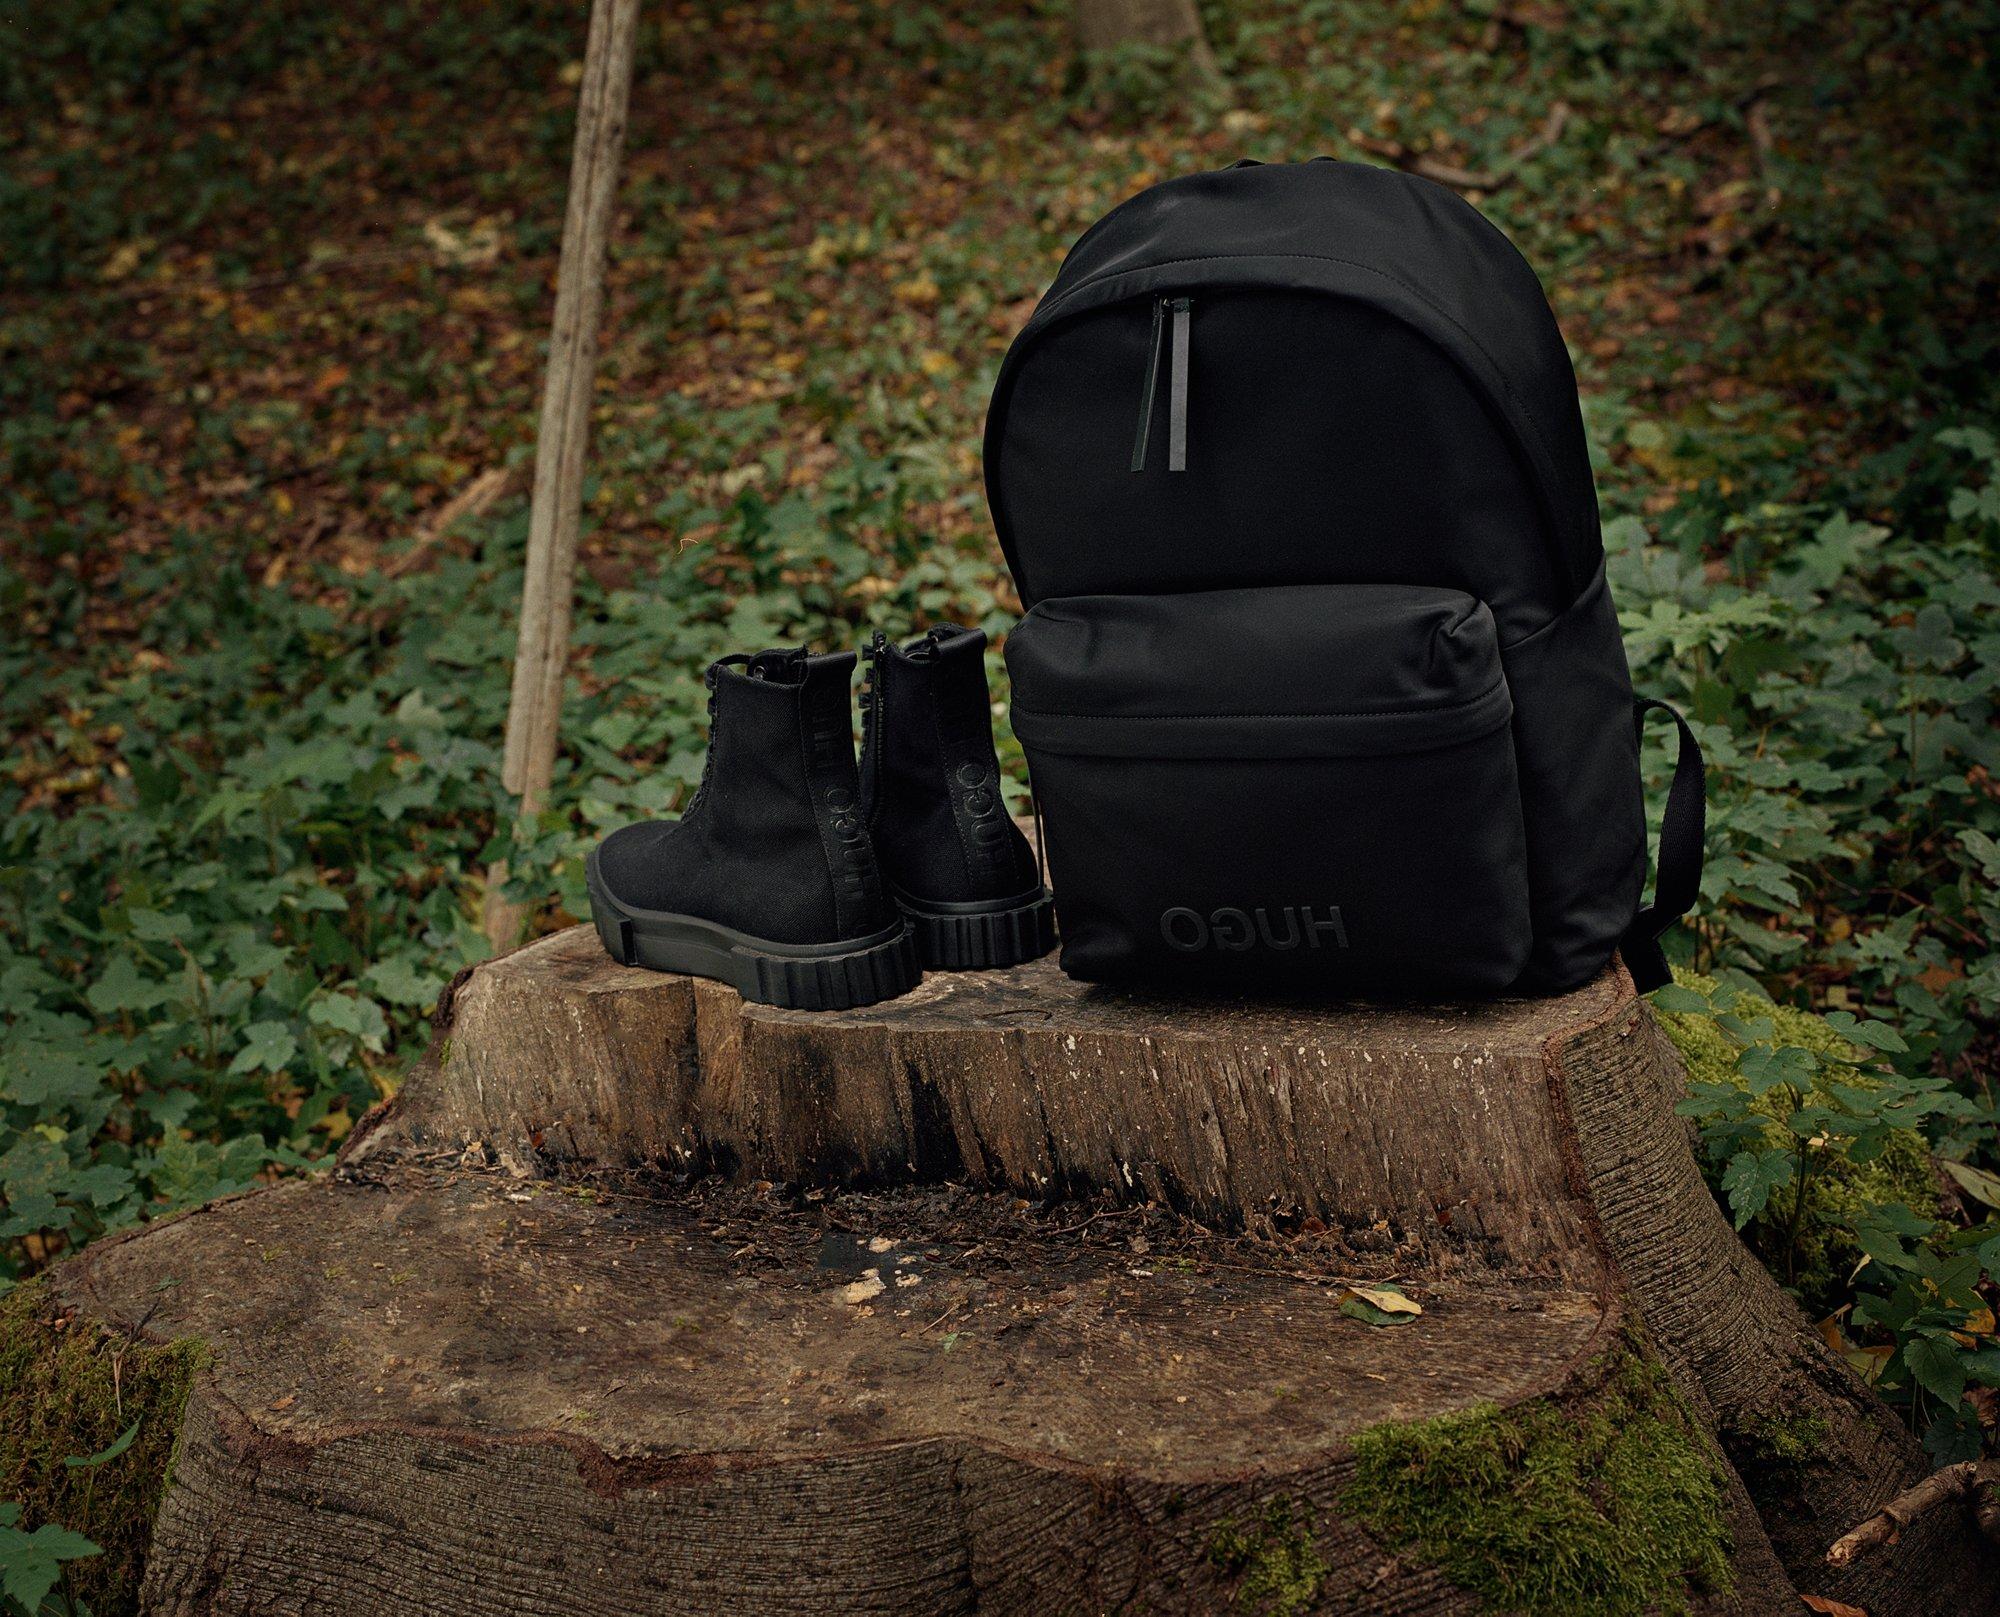 HUGO男装系列彰显创意精神与自然风格的表达。这款连帽衫,采用逆向HUGO标志,左臂处有接缝口袋和小号标志,为本季的外套增加一丝休闲个性的感觉